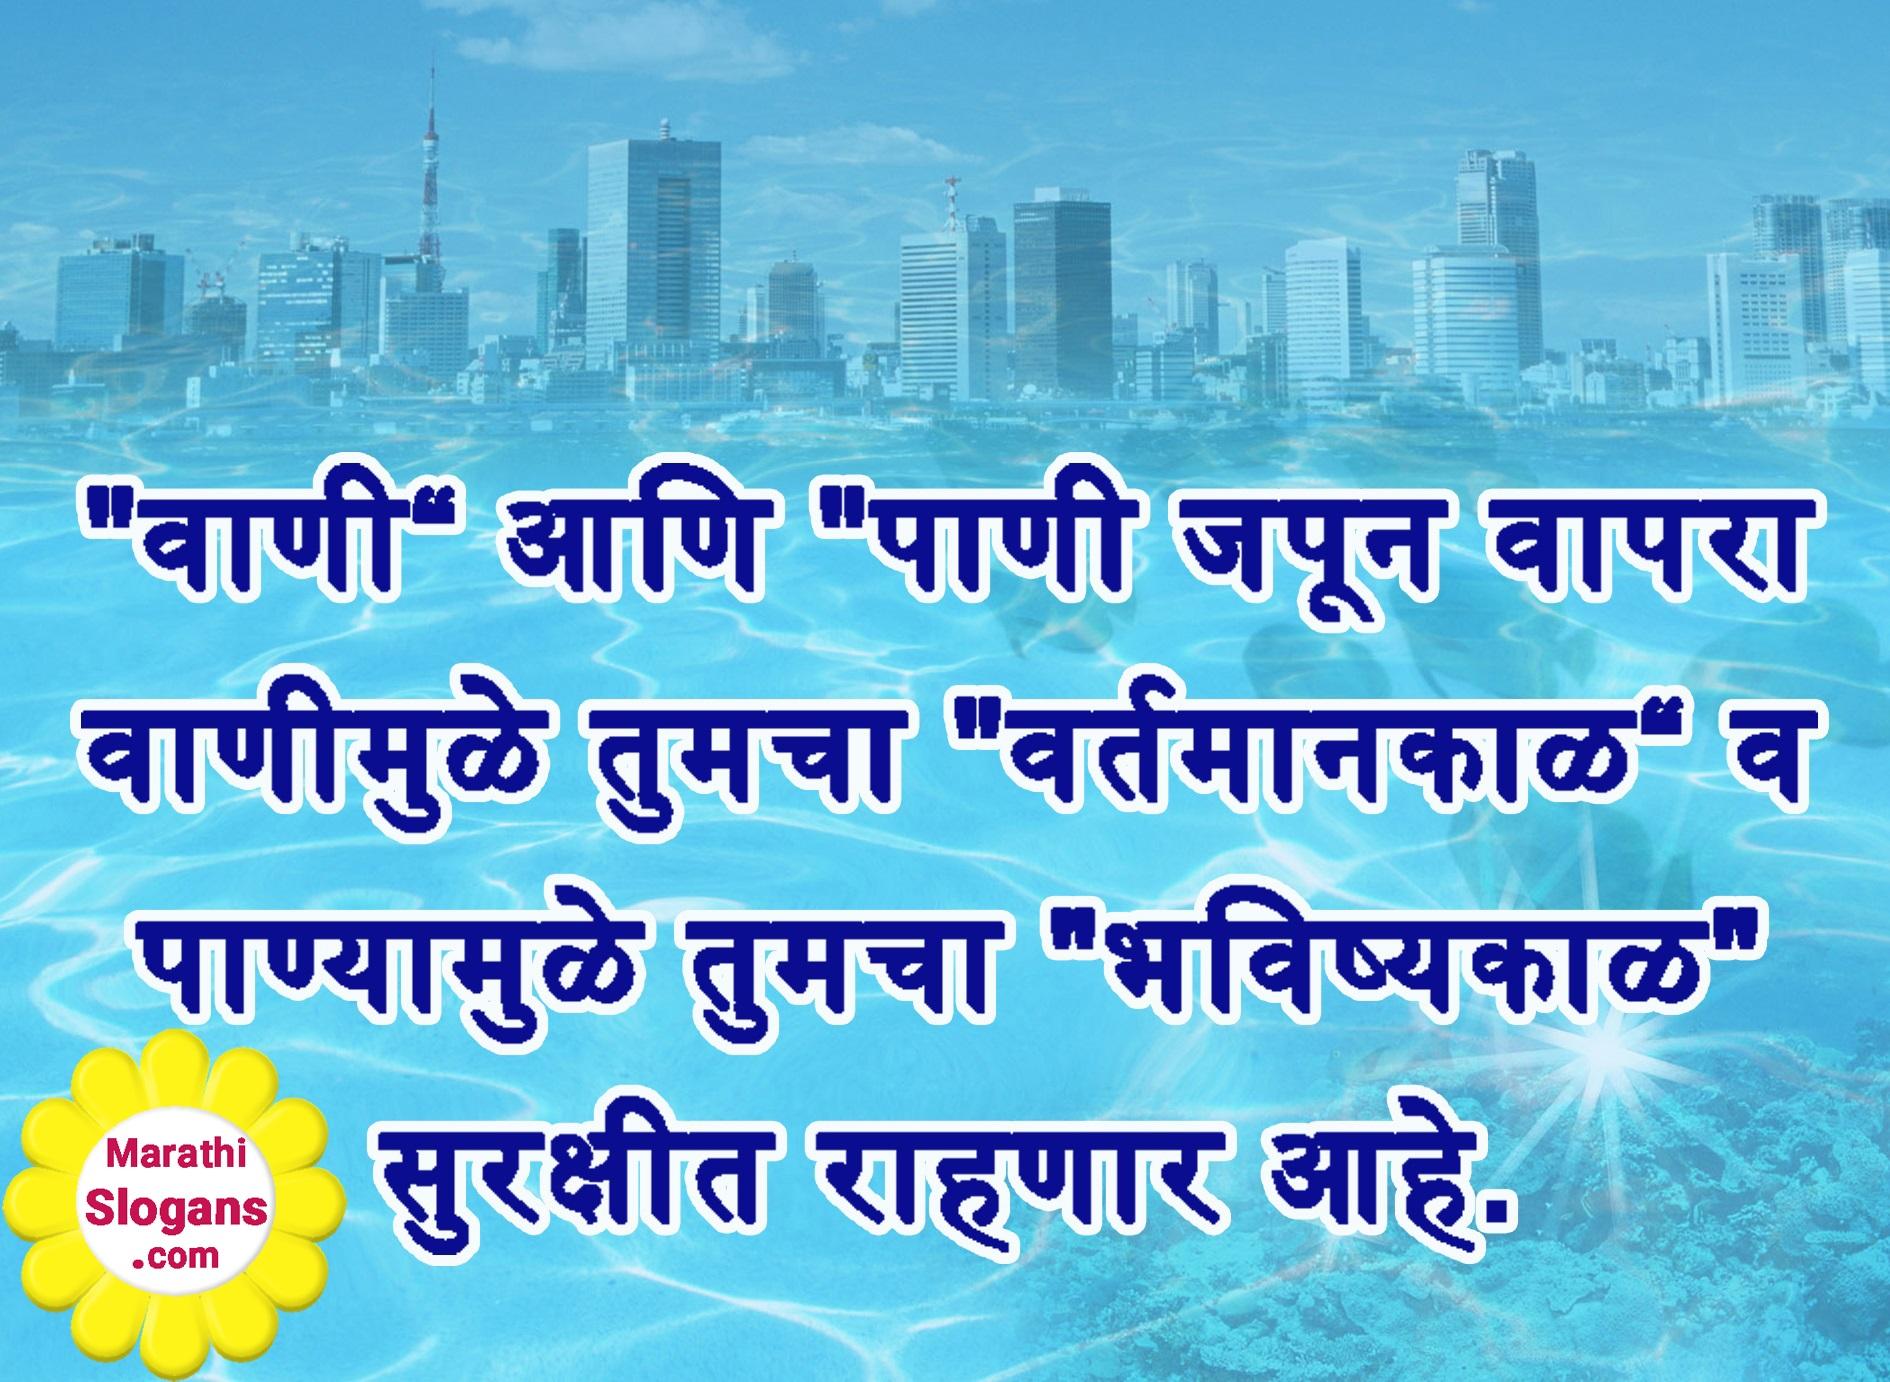 postman essay in marathi Essay on postman in hindi डाकिया या पोस्टमैन (अंग्रेजी) का हमारे जीवन में महत्वपूर्ण स्थान होता है। पोस्टमैन ,डाकघर या पोस्ट ऑफिस में पदस्थ एक.